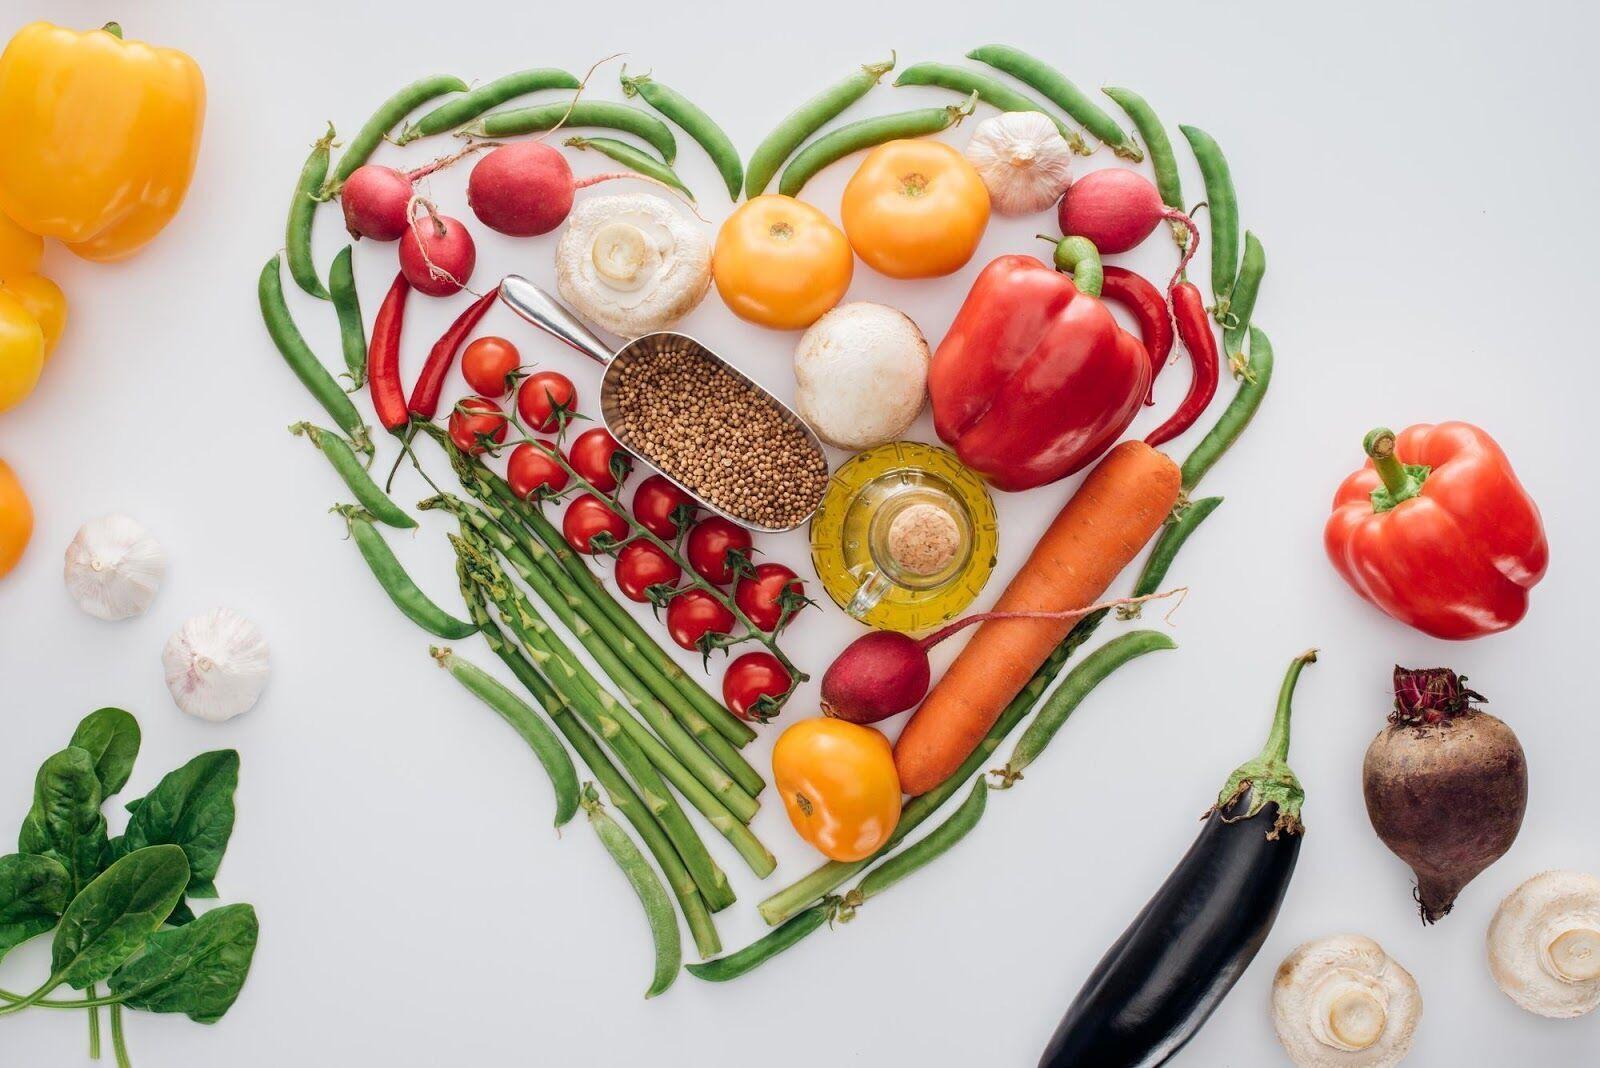 Рацион должен состоять из овощей, нежирного мяса, каш, немного орехов и фруктов